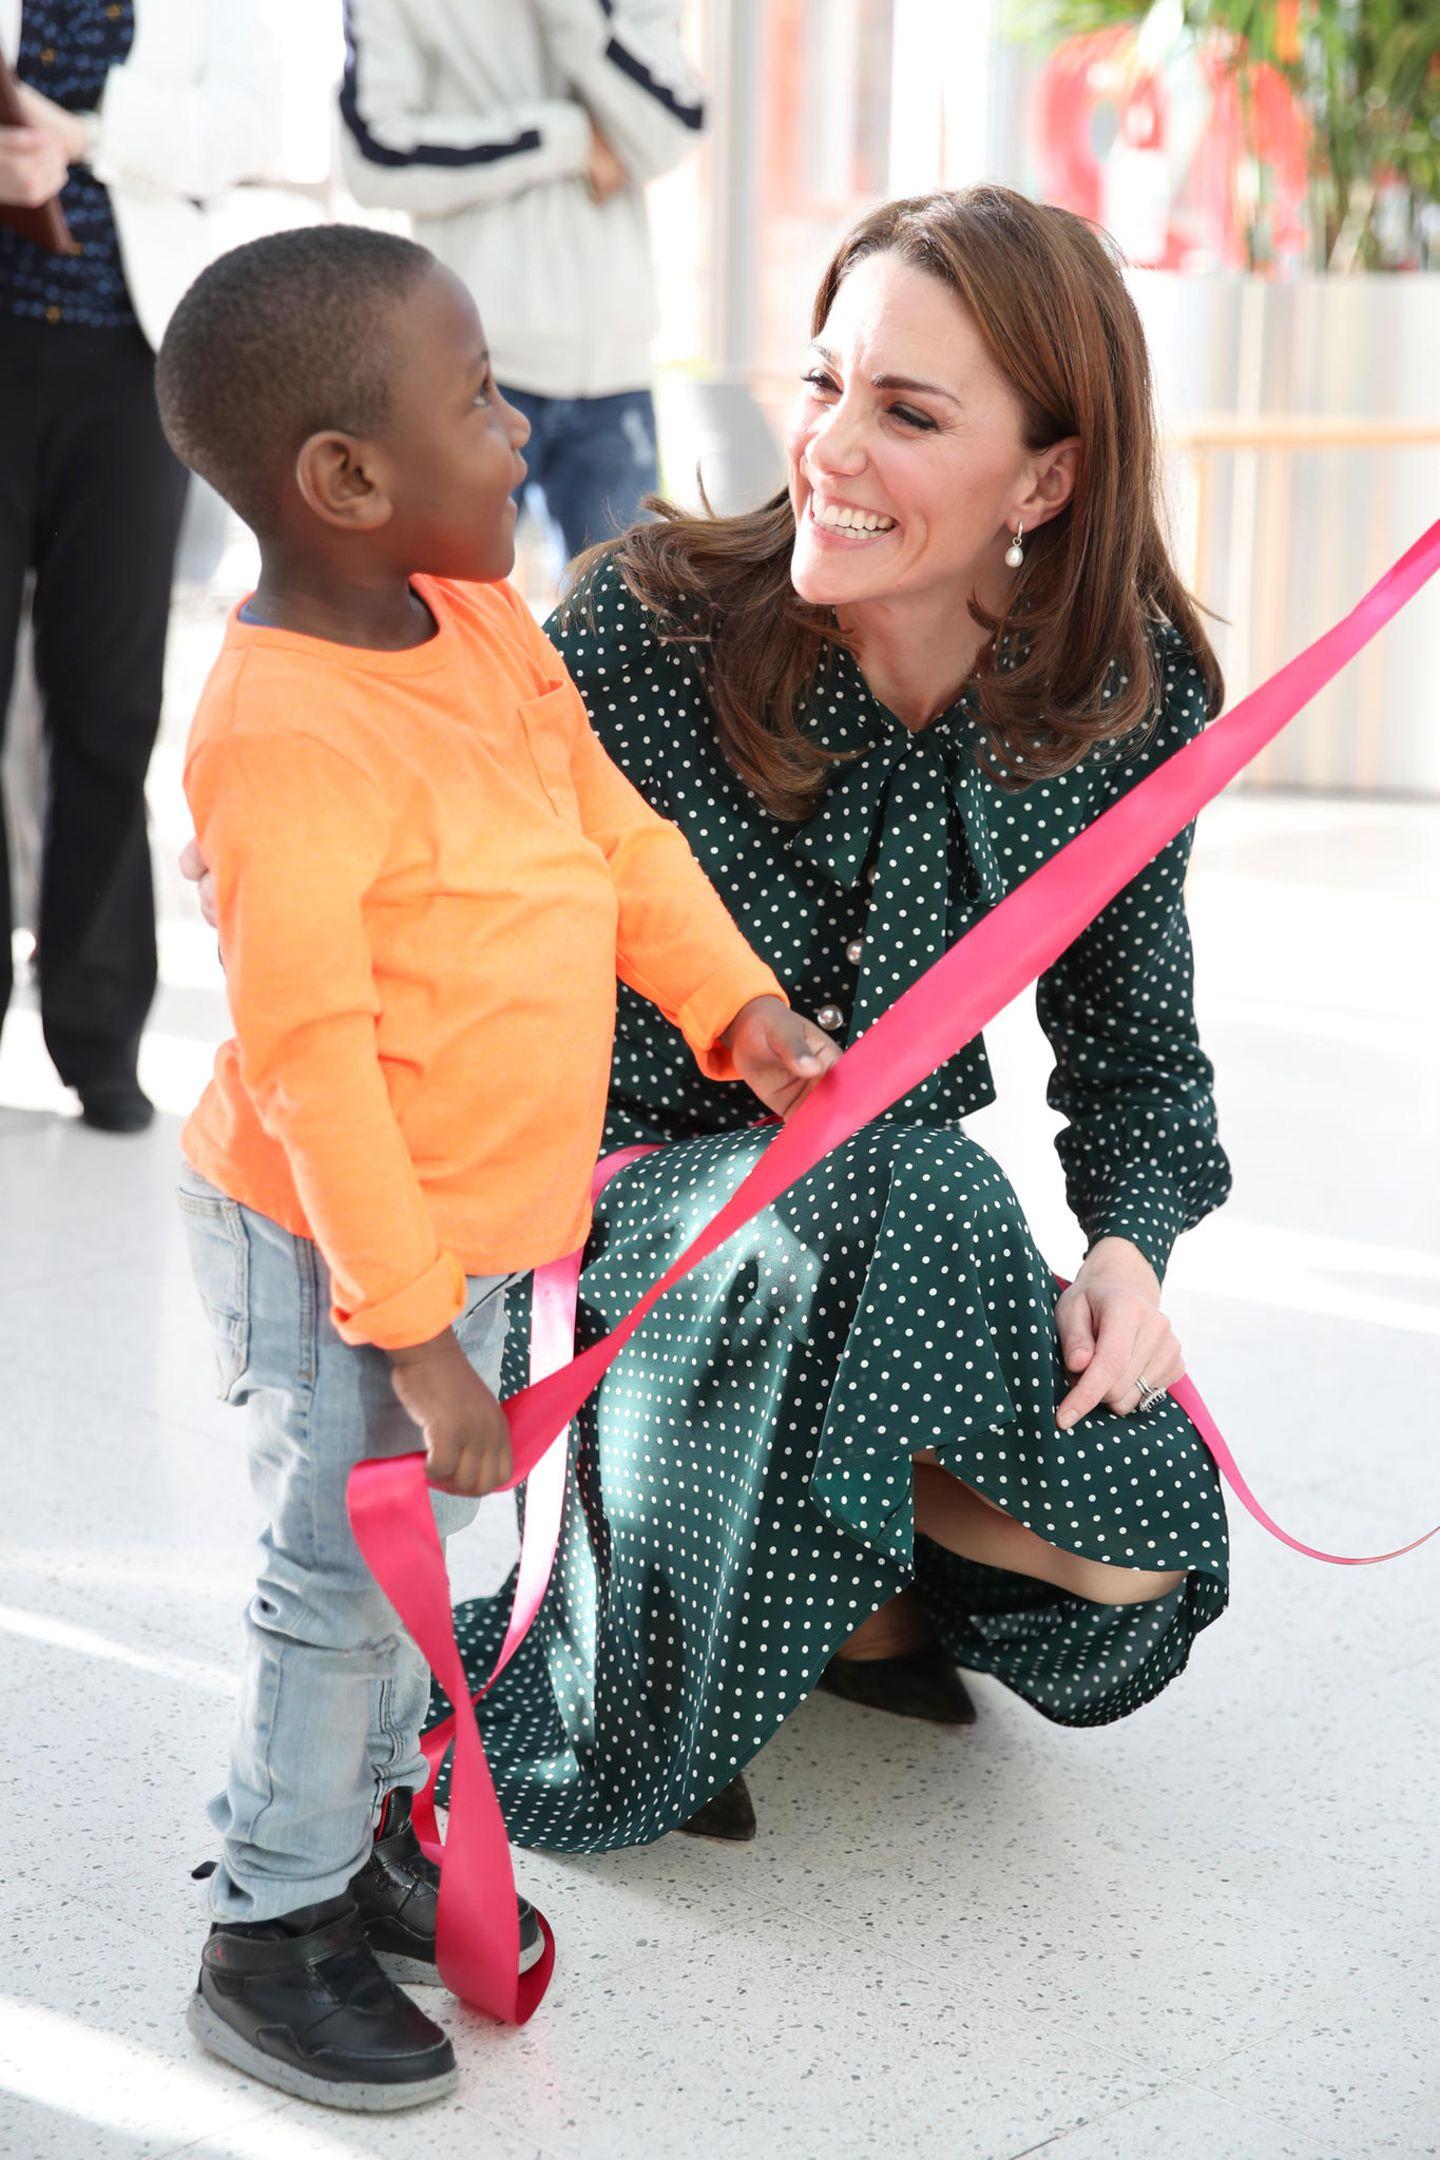 11. Dezember 2018  Bei dem Besuch unterstützt Herzogin Catherine unter anderem den Jungen Cruz Brown. Gemeinsam veröffentlichen sie ein großes Banner, auf dem der Vierjährige selbst mit drauf ist ...